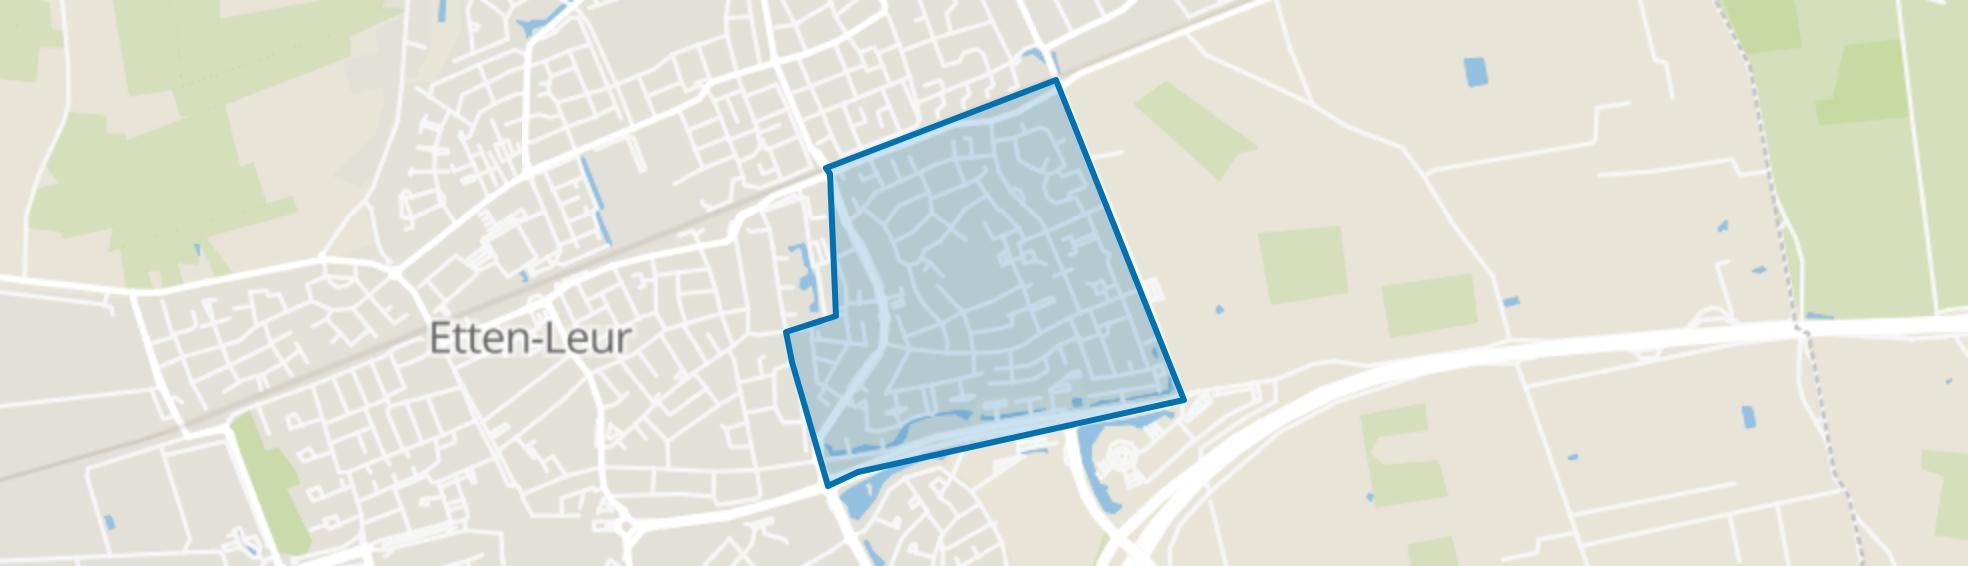 Het Hooghuis, Etten-Leur map